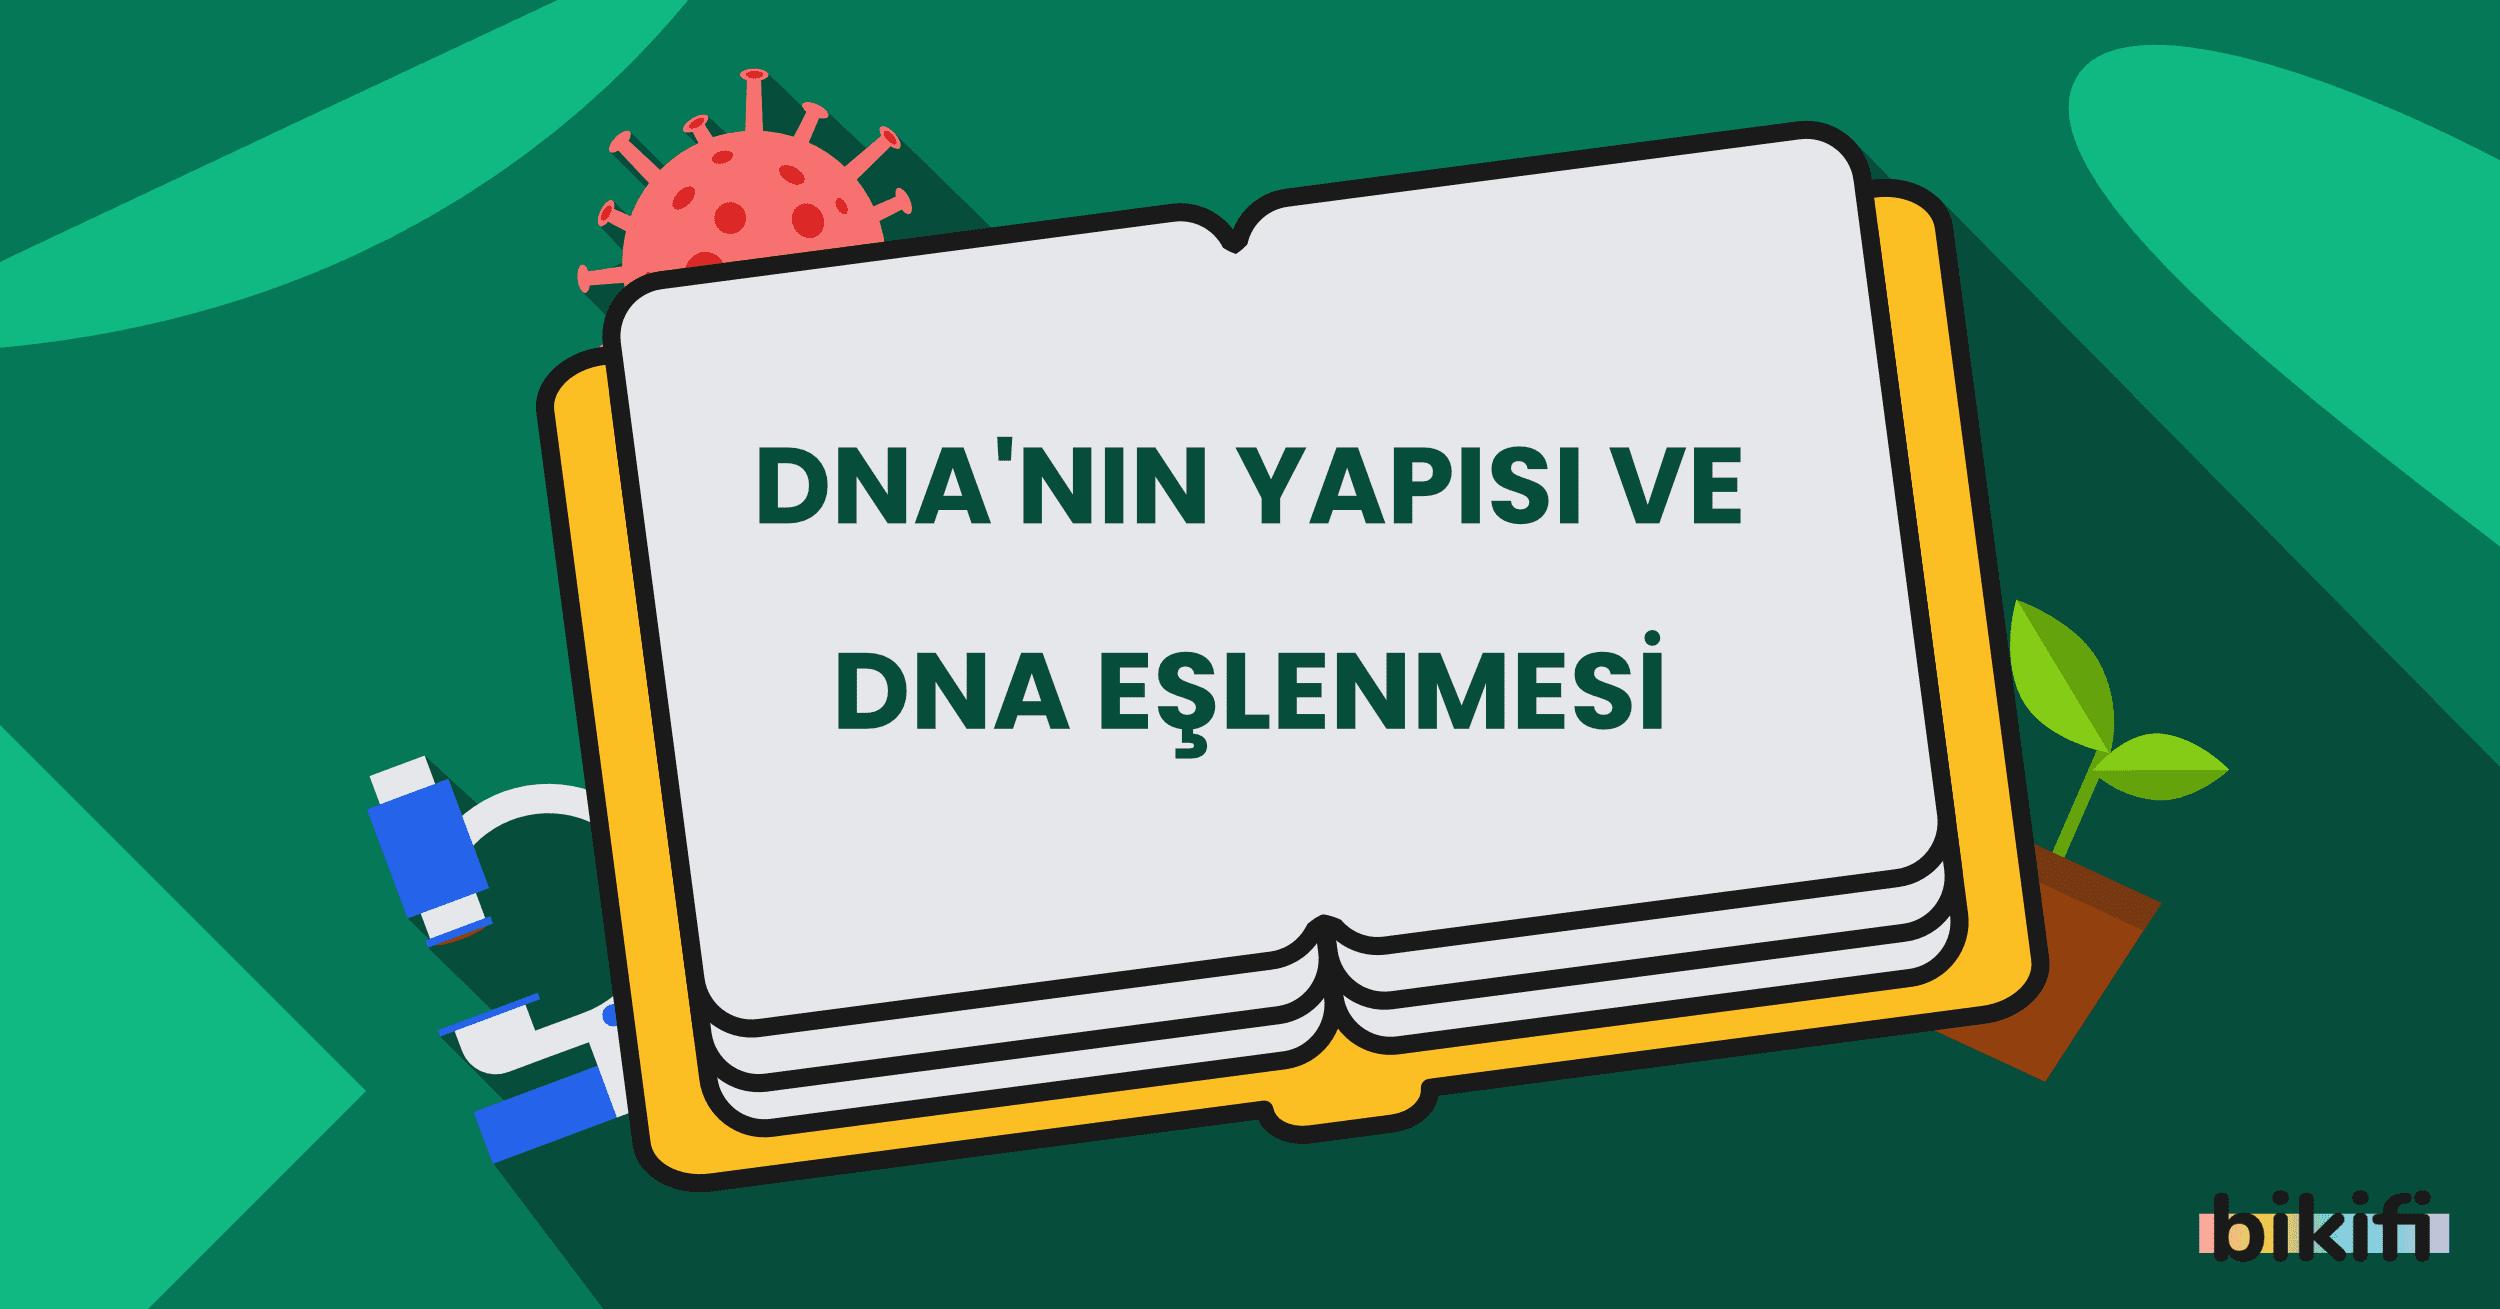 DNA'nın Yapısı ve DNA Eşlenmesi